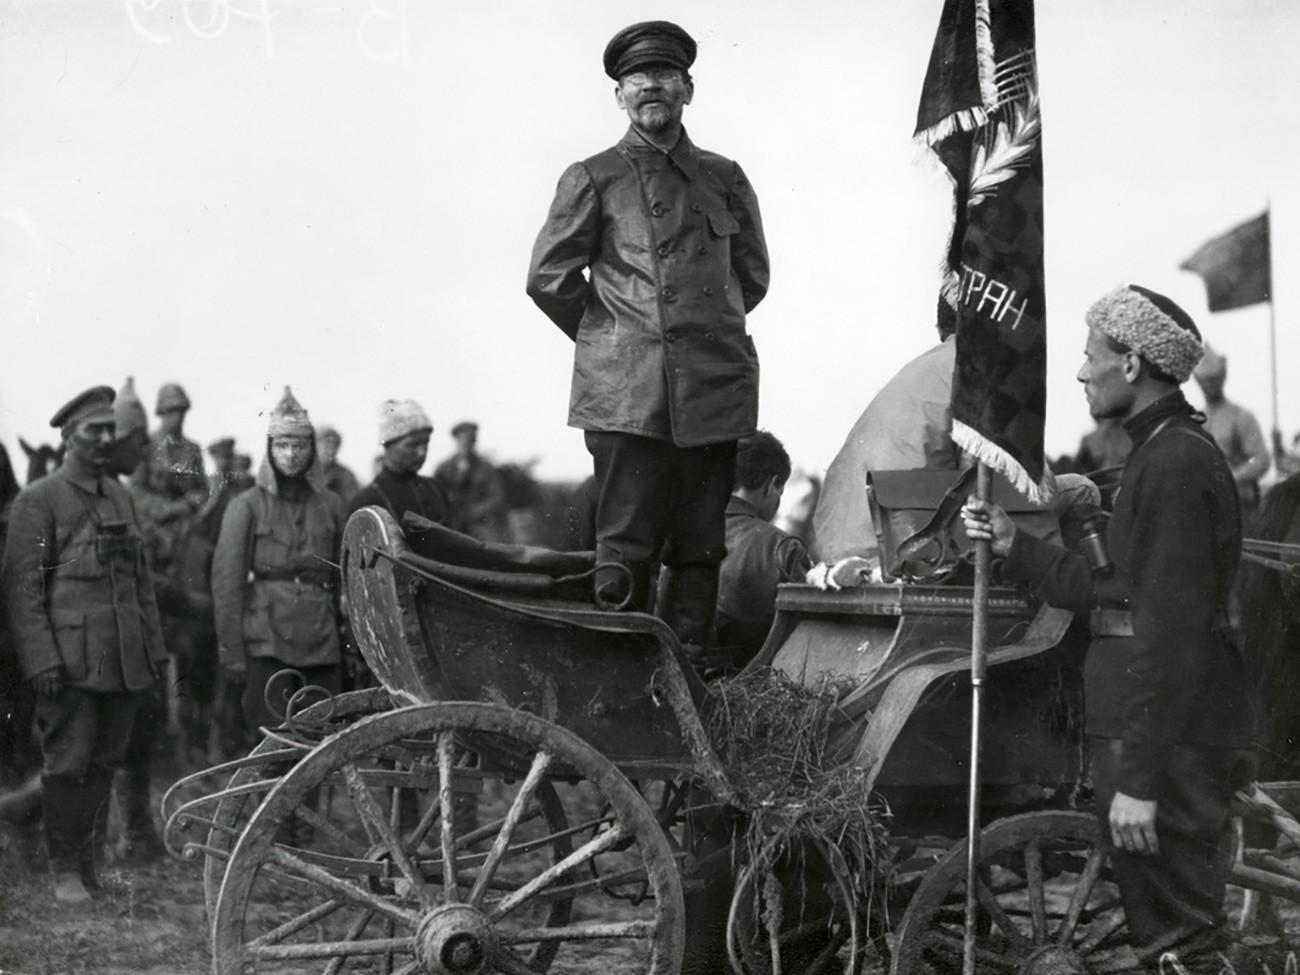 Mihail Ivanovič Kalinjin drži govor. On je tijekom građanskog rata vodio propagandu na frontovima, gdje je držao govore u jedinicama Crvene armije i pred mještanima.